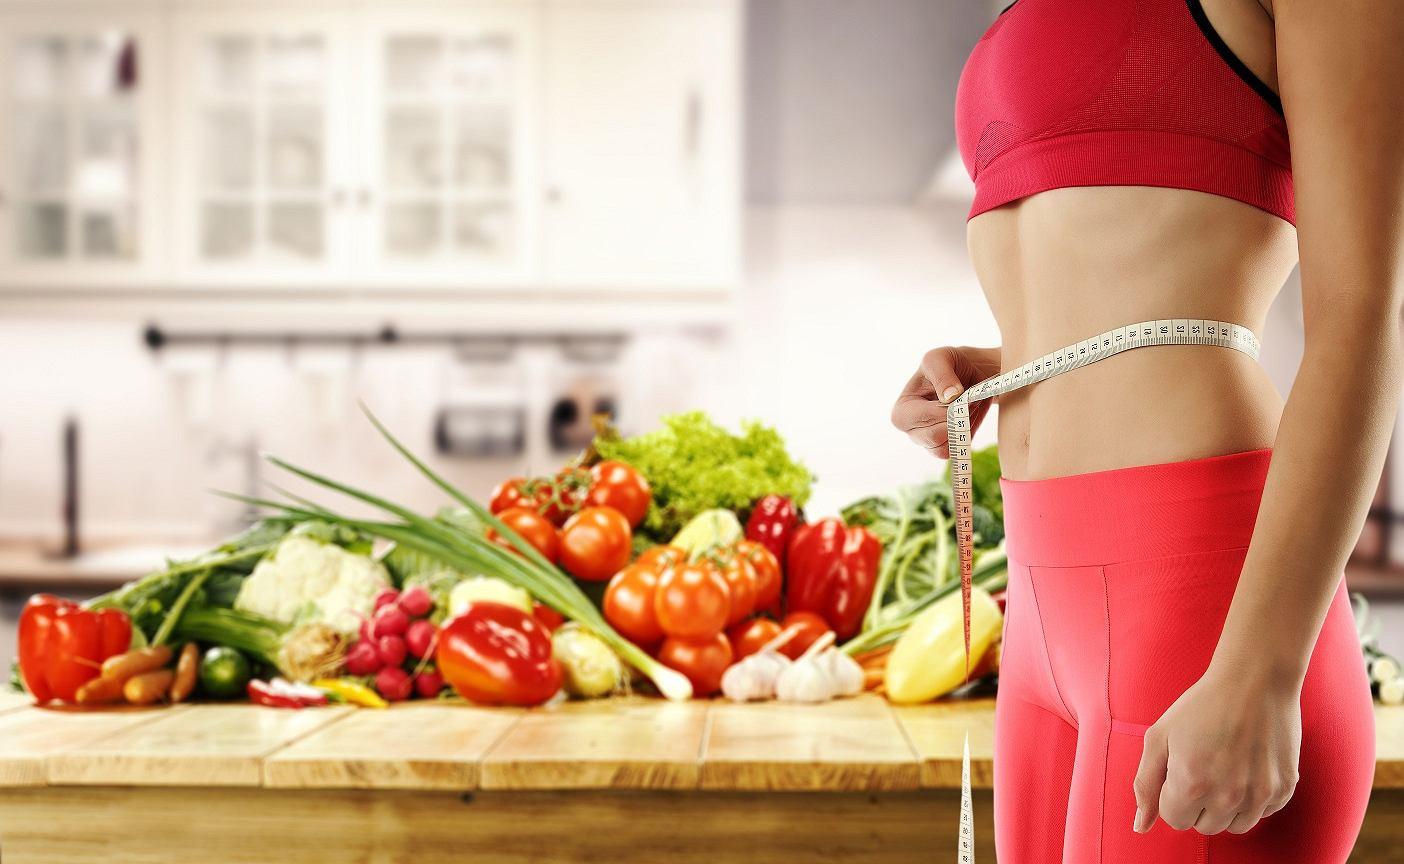 Домашние тренировки и правильное питание